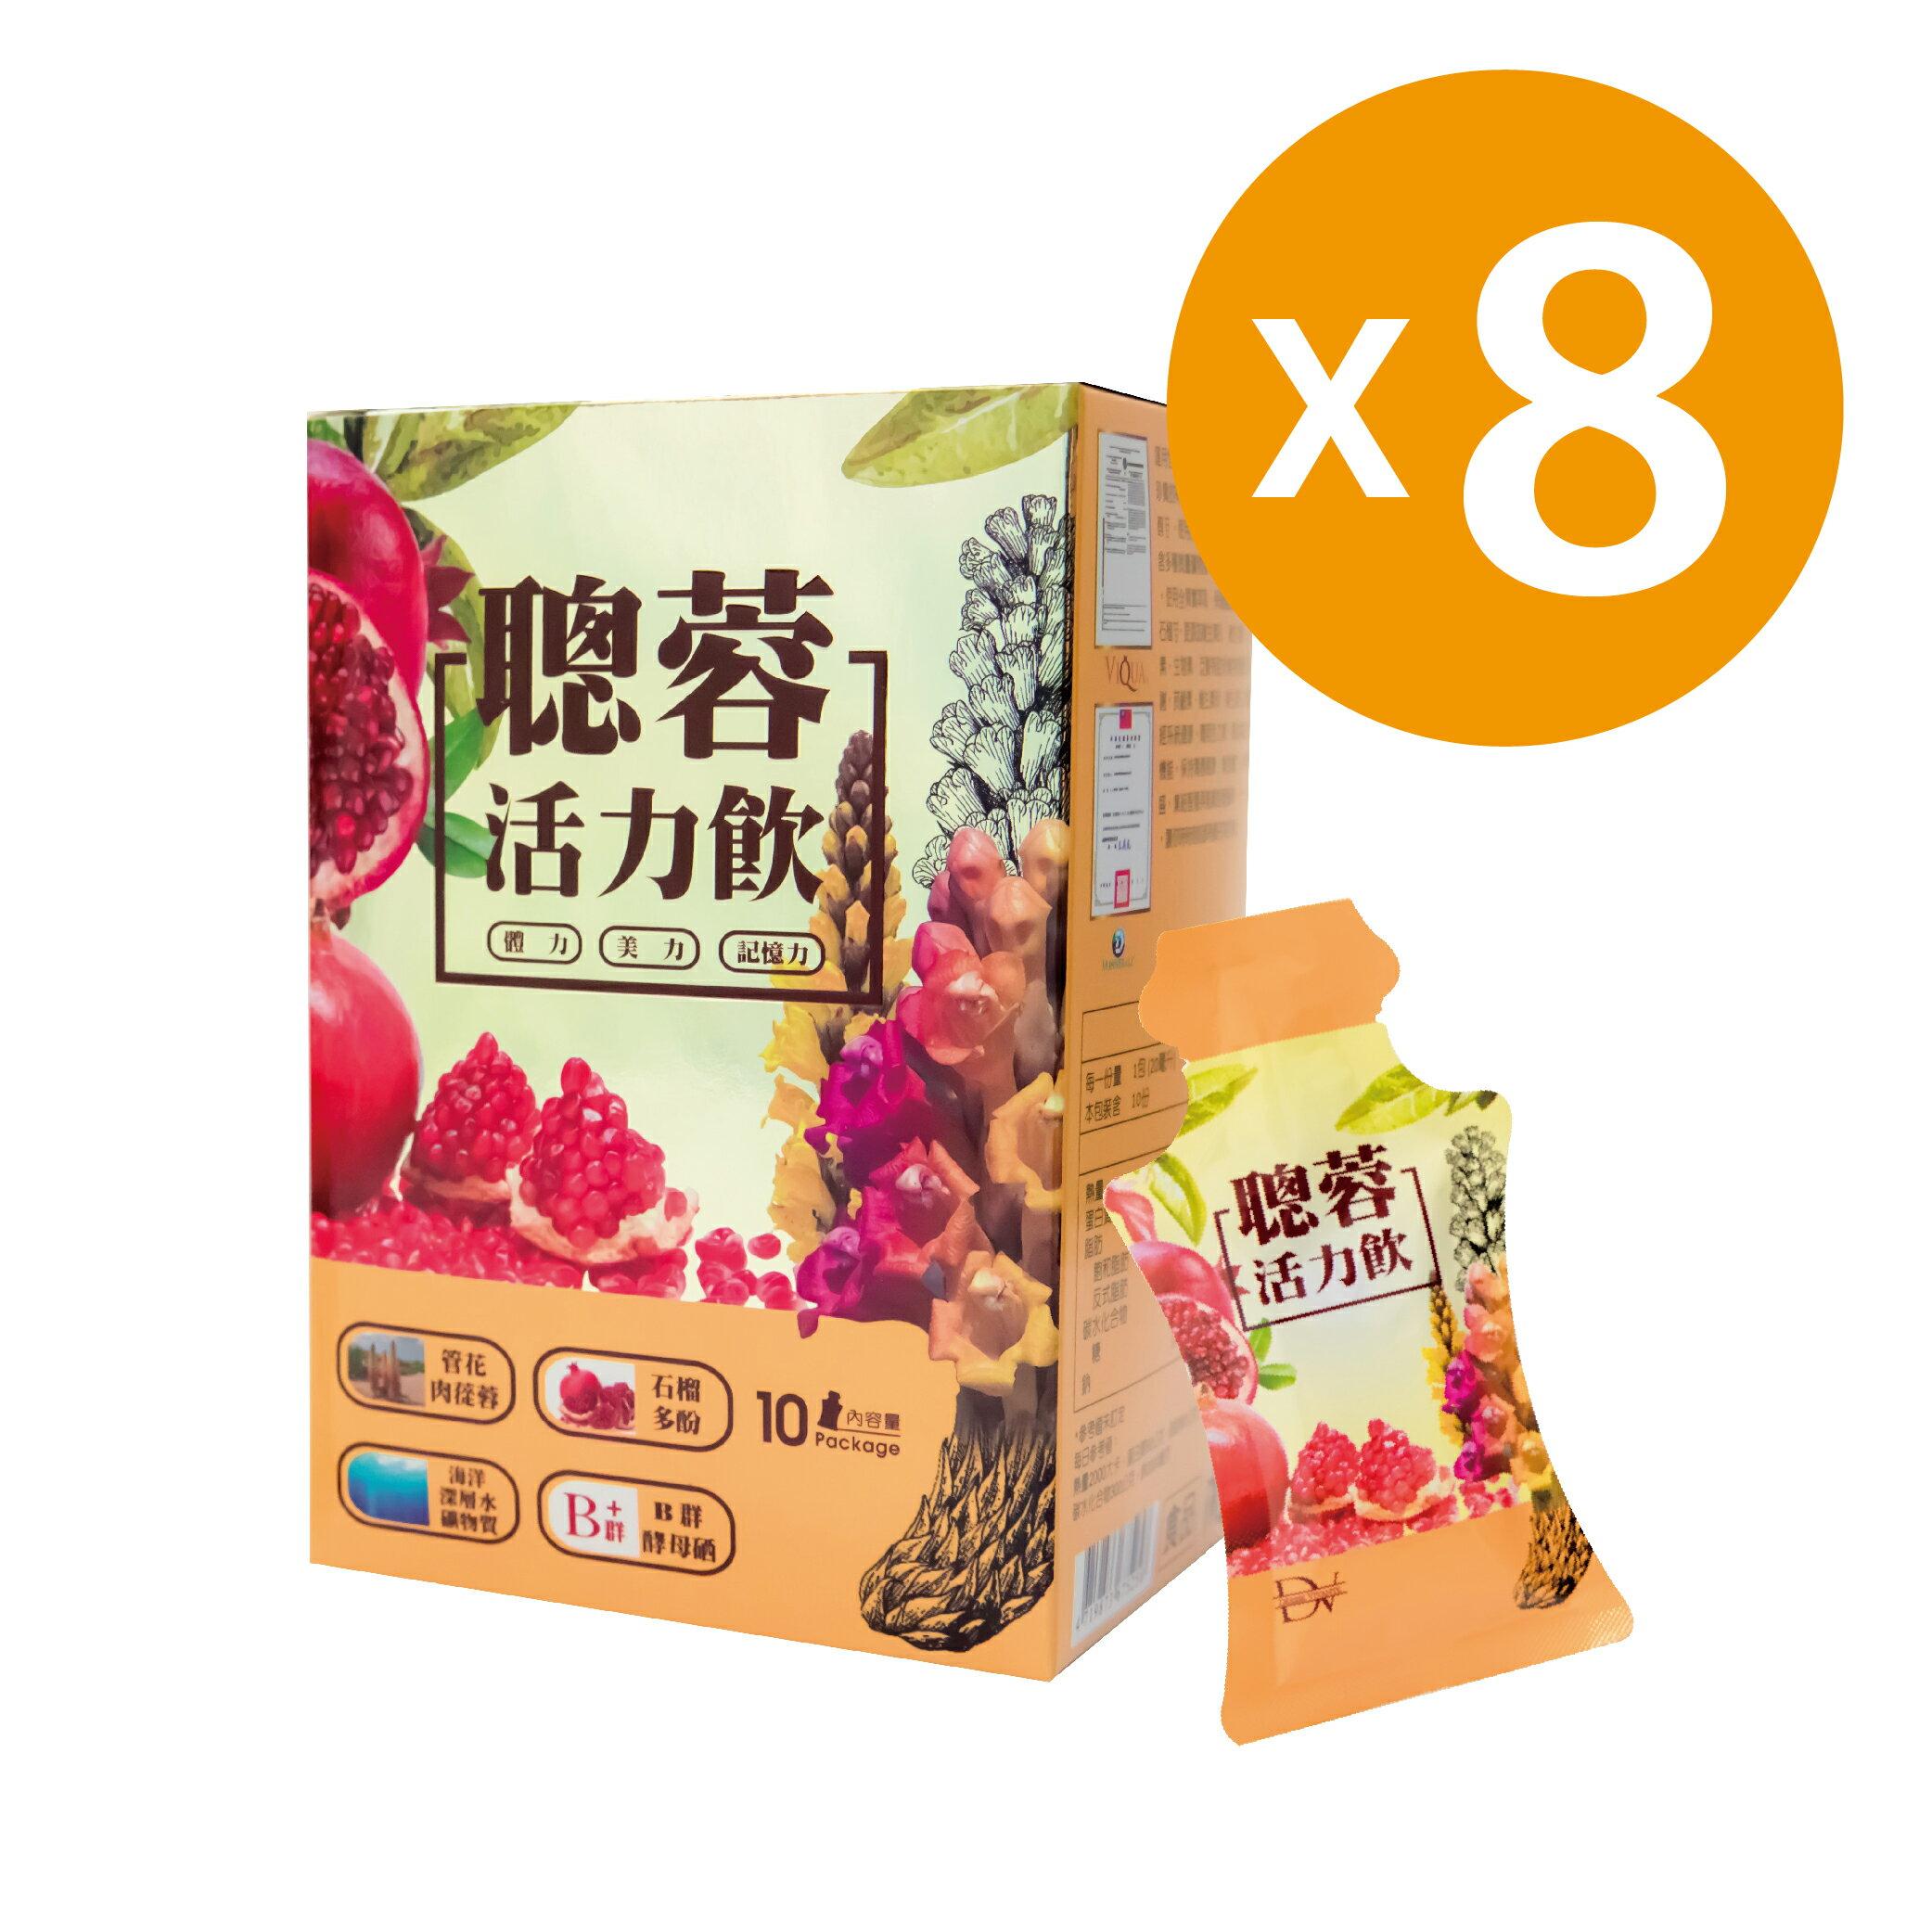 【隋棠代言】聰蓉活力飲 女神完美代謝飲品 8入 (20ml/10包/盒)